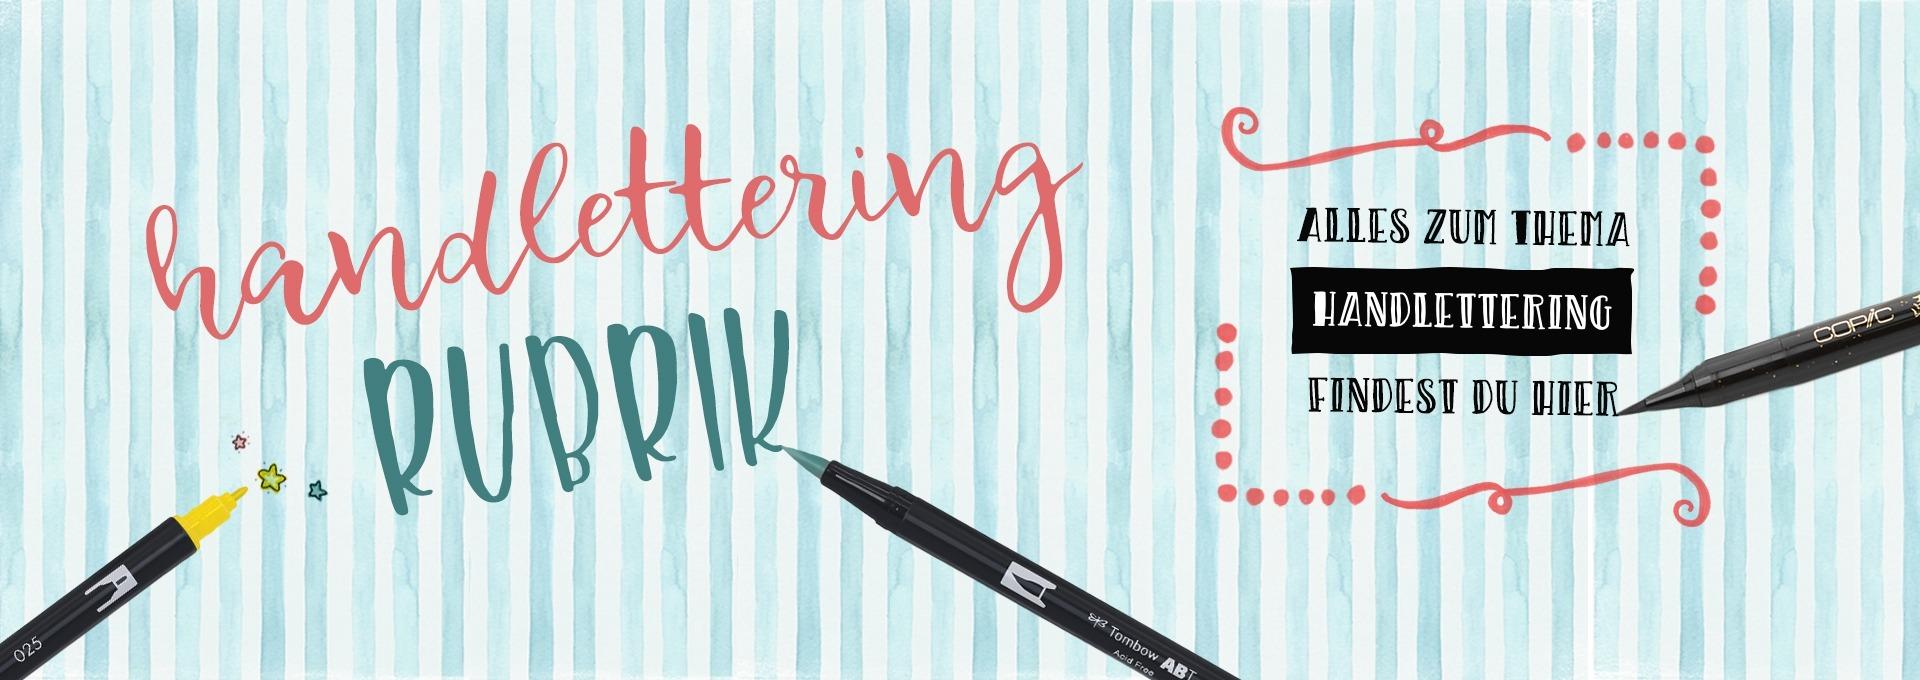 handlettering brushlettering calligraphie journaling